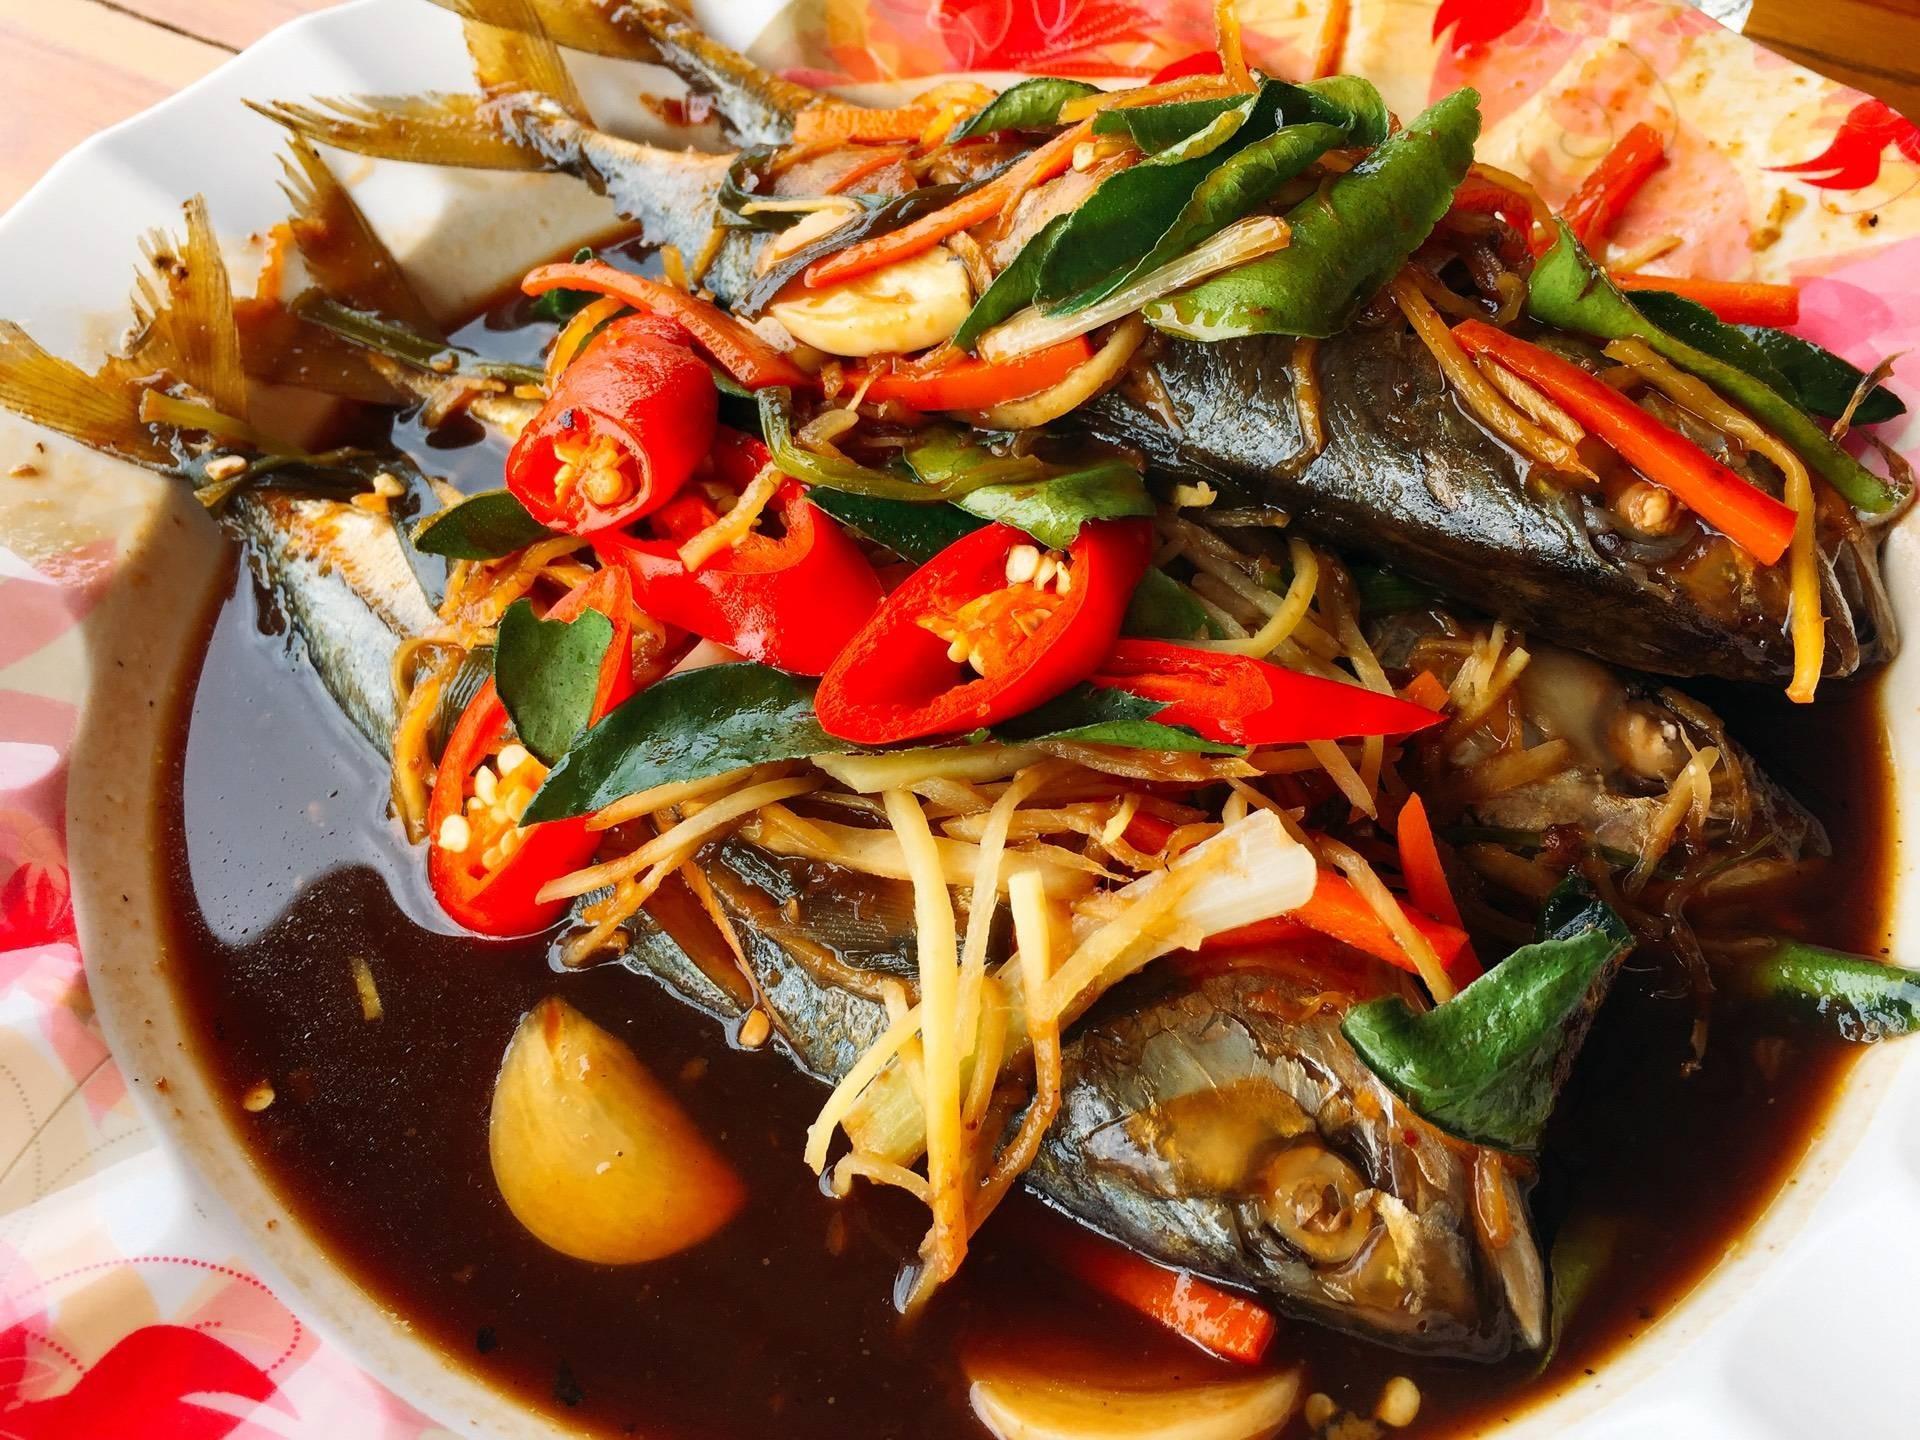 ปลาทูซาเตี๊ยะ จานนี้ห้ามพลาดค่ะ อร่อยมาก